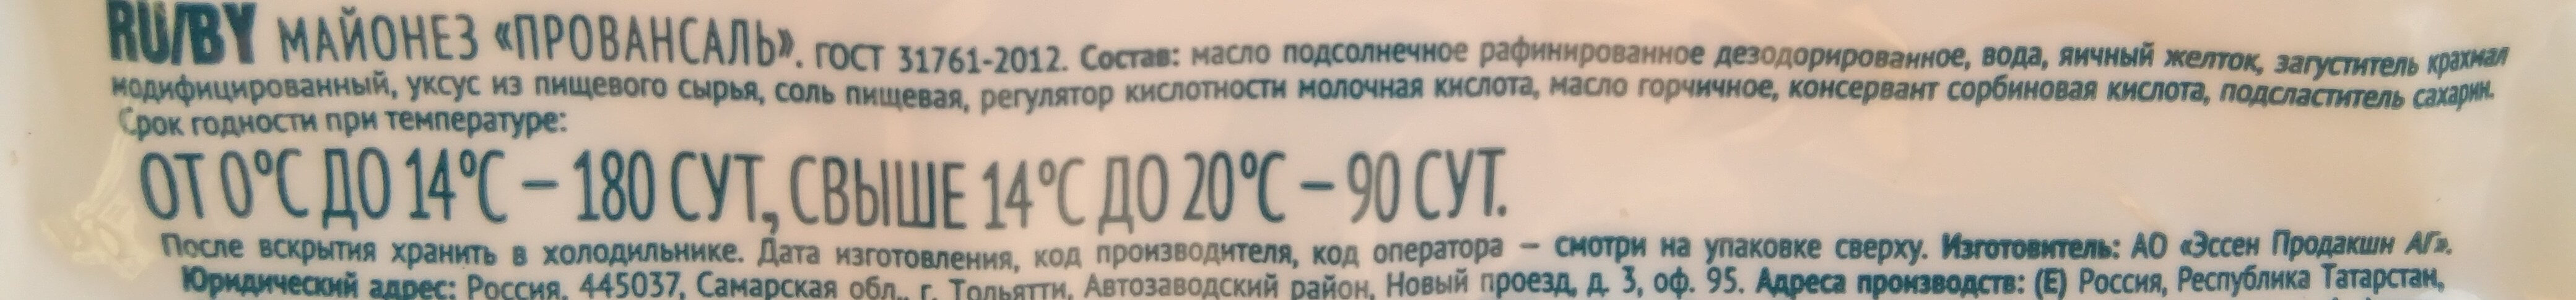 Майонез «Провансаль» - Ингредиенты - ru